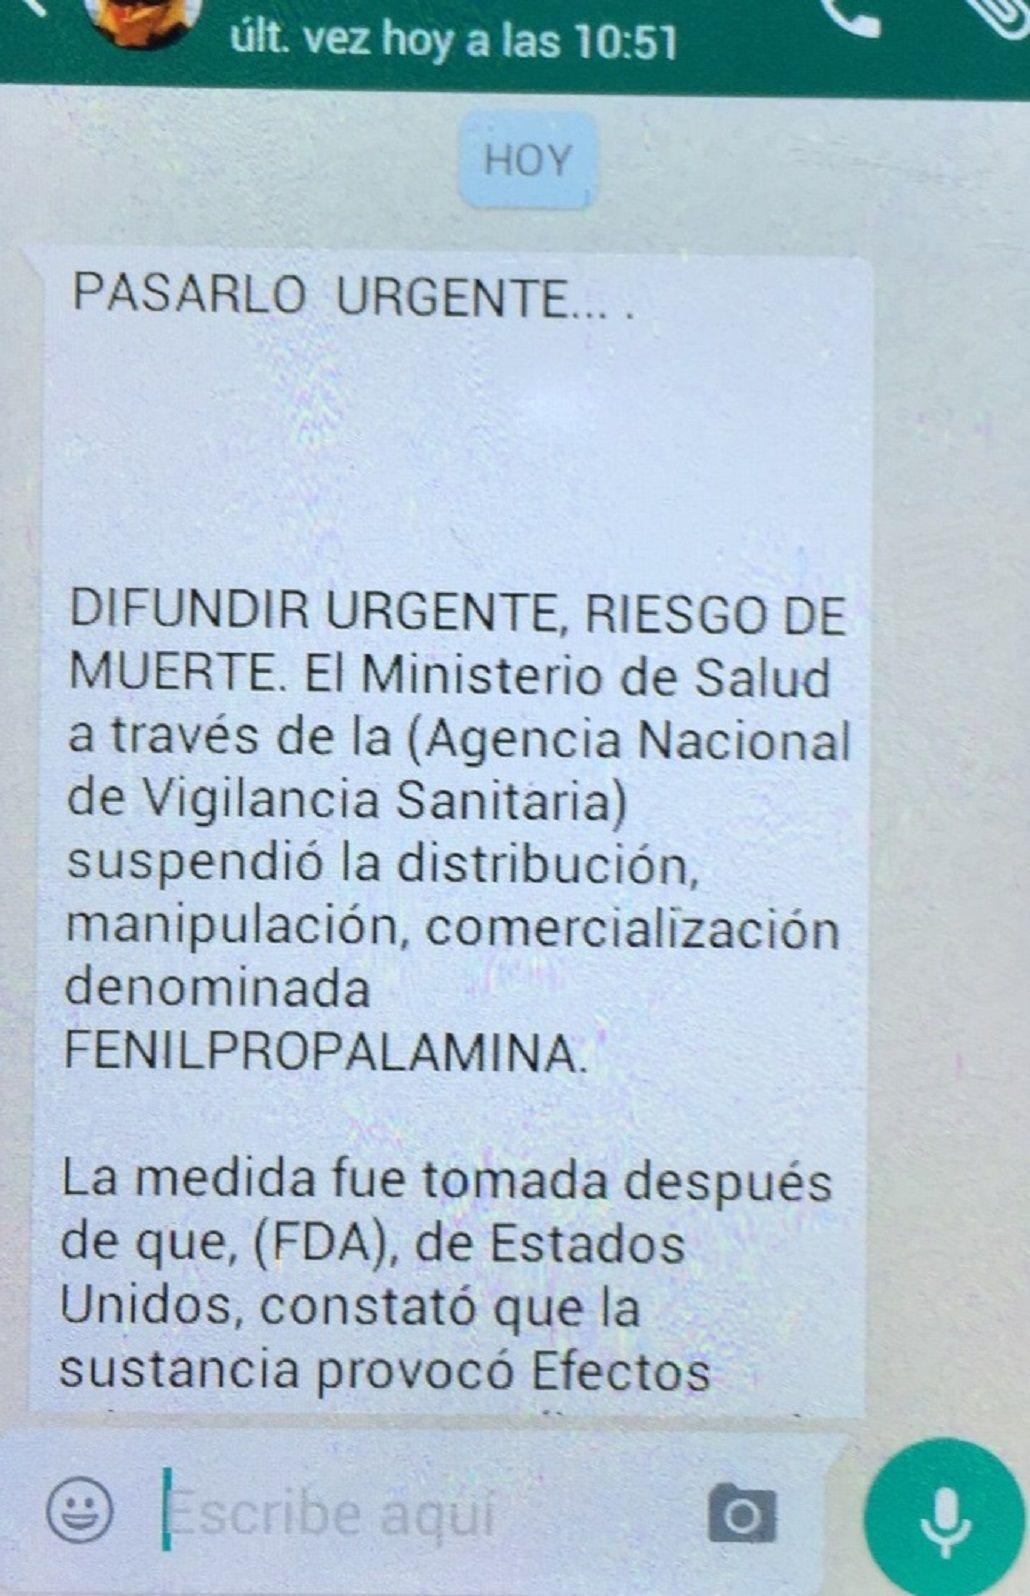 Un viral de WhatsApp alerta sobre un droga prohibida en el país hace 15 años